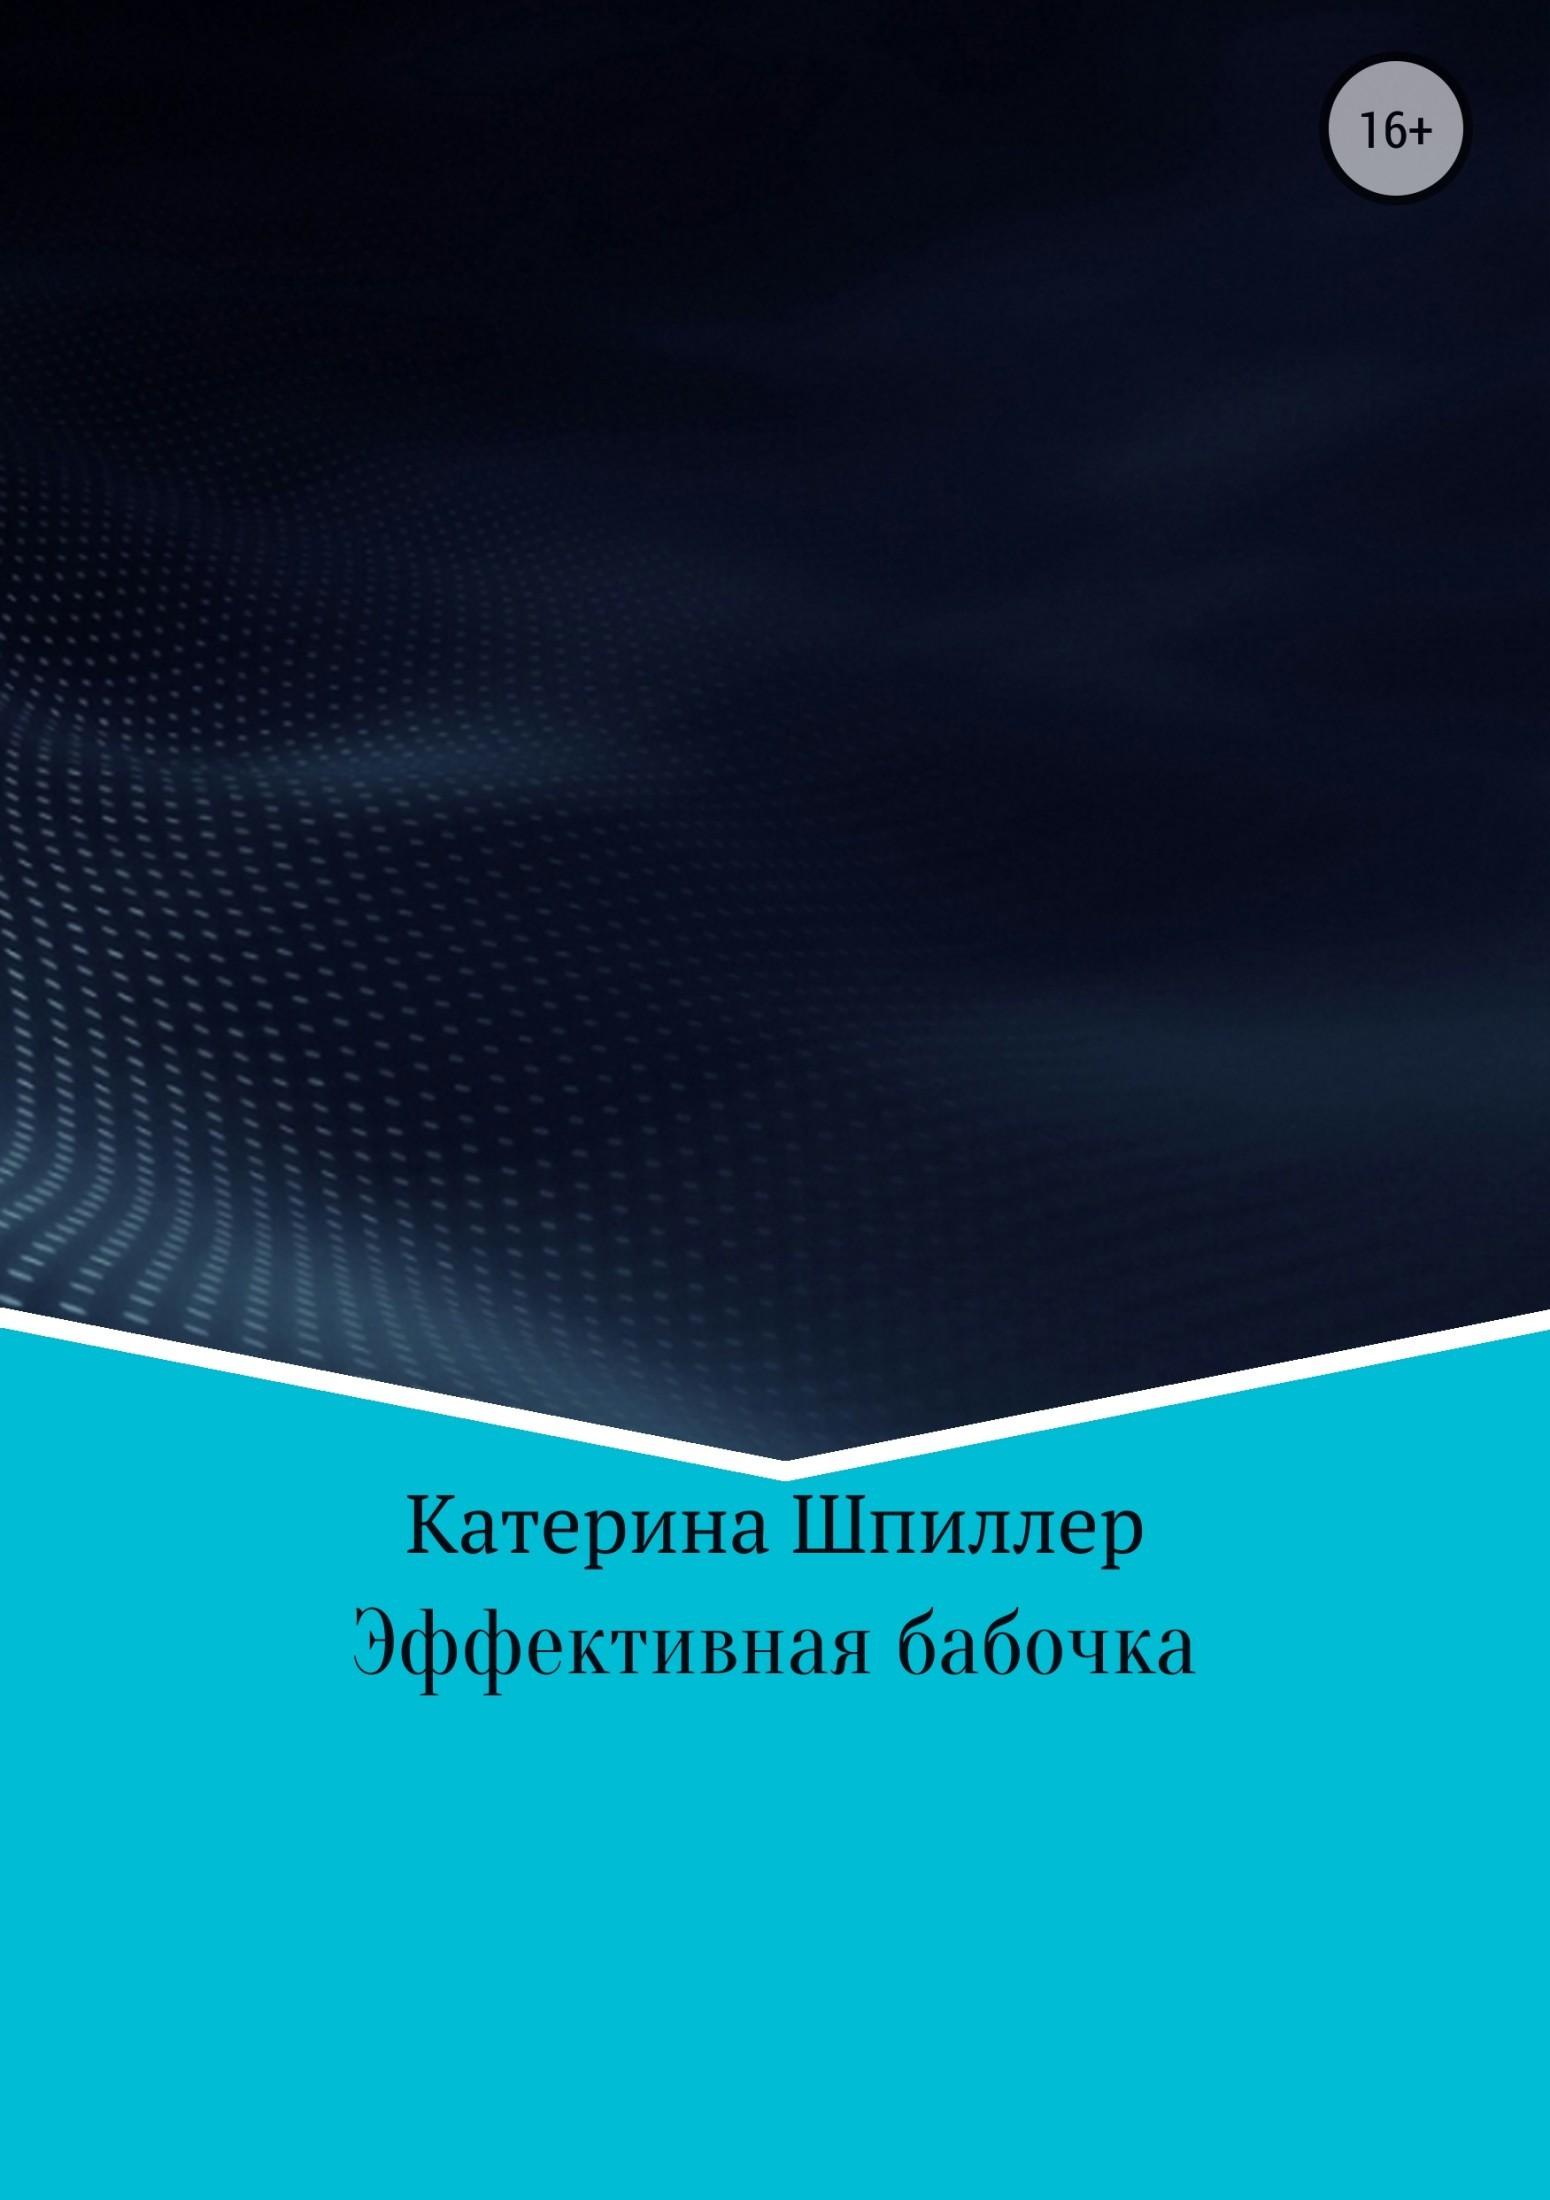 Катерина Александровна Шпиллер Эффективная бабочка катерина шпиллер мама не читай исповедь неблагодарной дочери